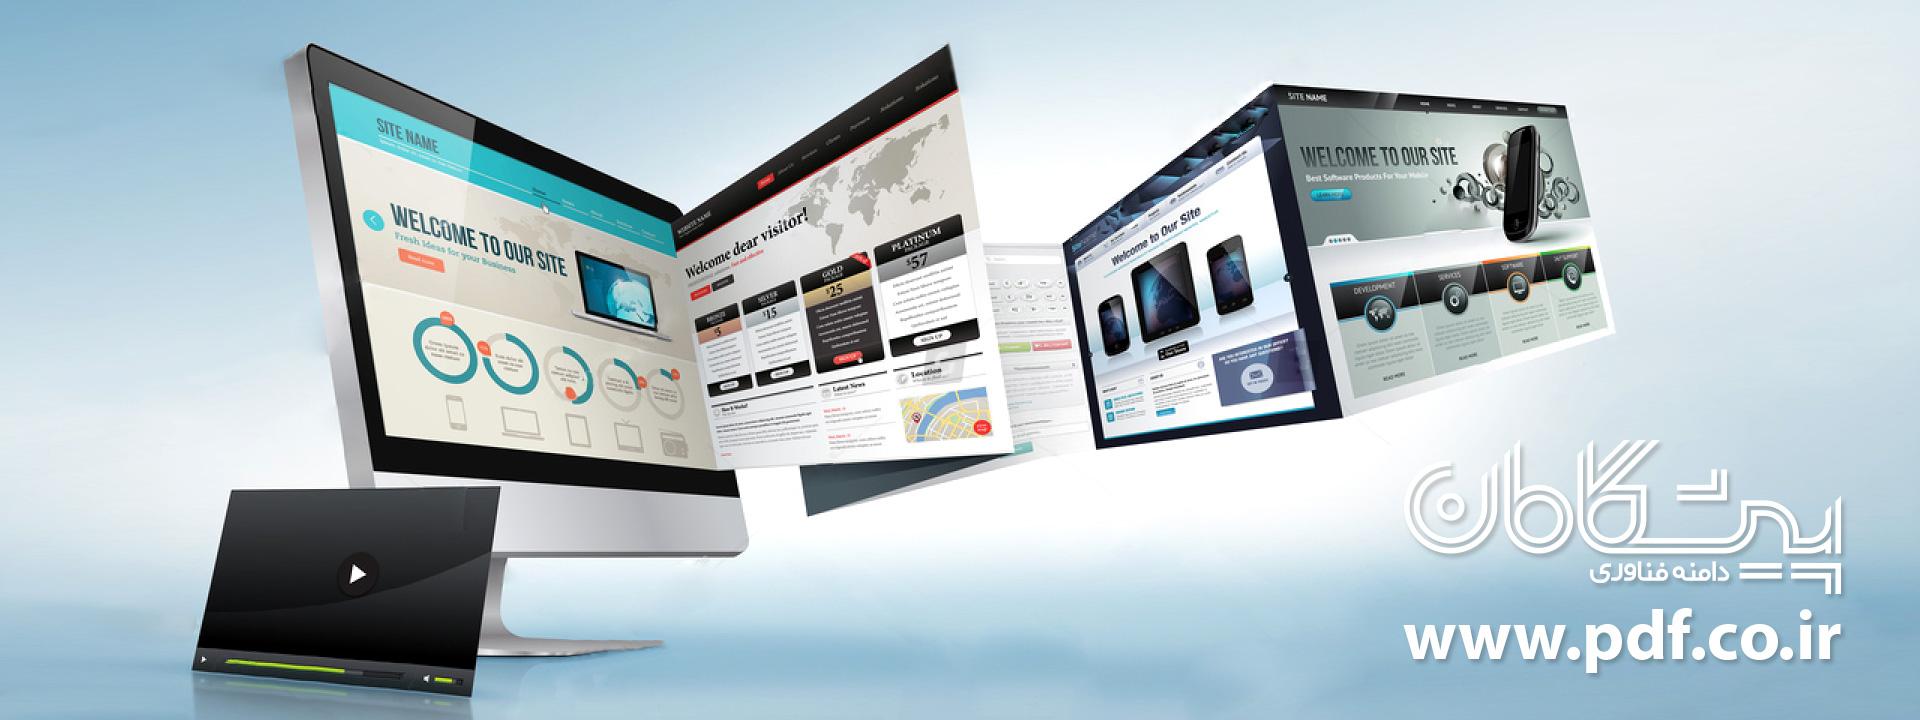 پیشگامان دامنه فناوری , طراحی سایت در مشهد , طراحی اپلیکیشن موبایل , تولید محتوا در مشهد